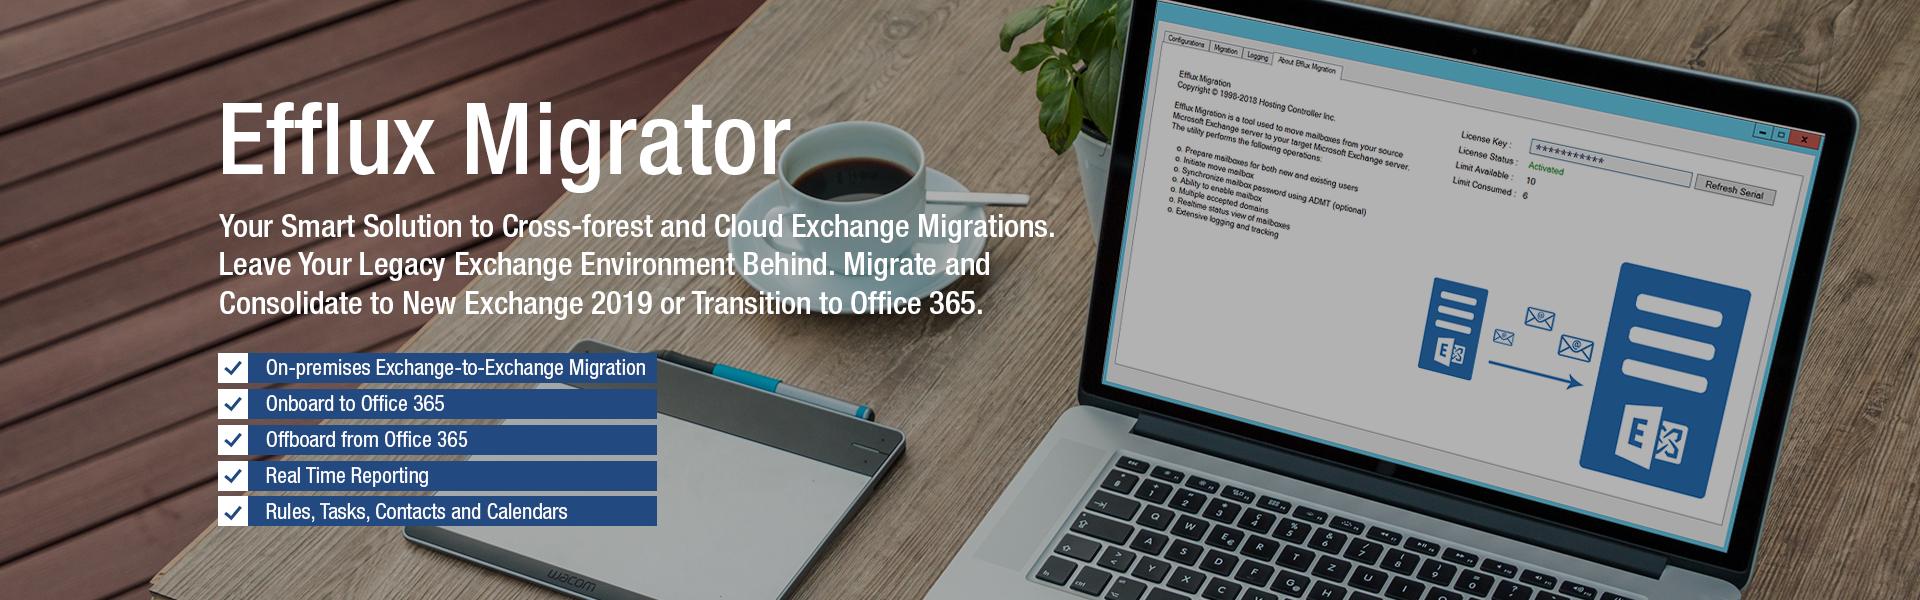 HC Efflux Migrator - Exchange Cross-forest Migration Tool | Office